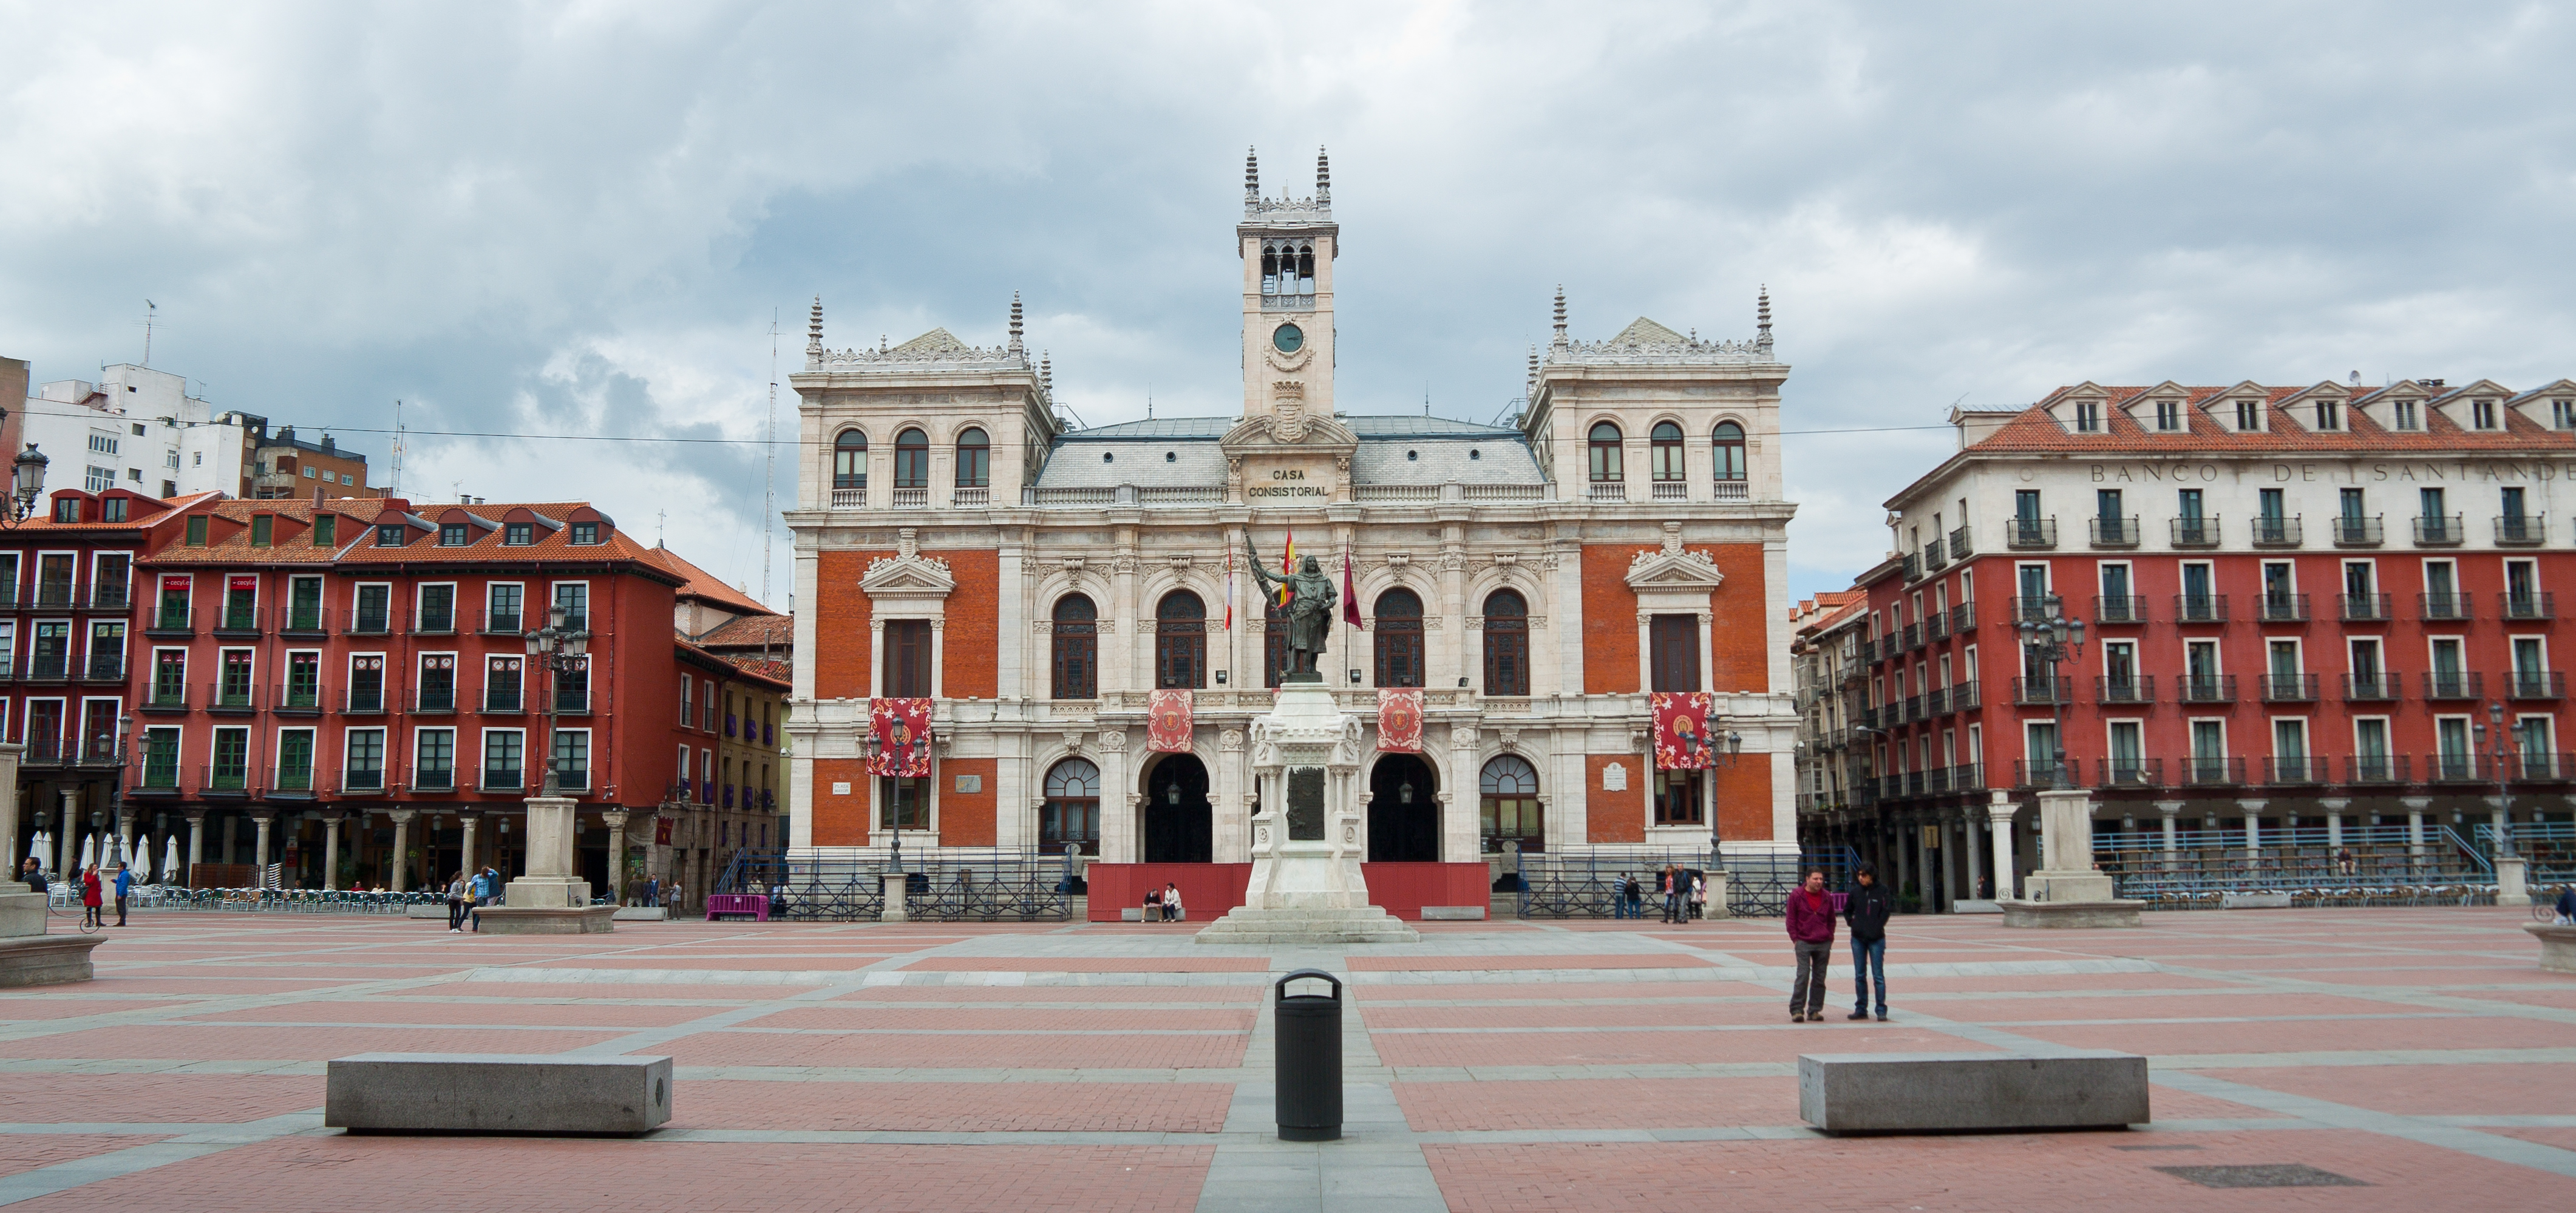 fotos de la plaza mayor de valladolid: